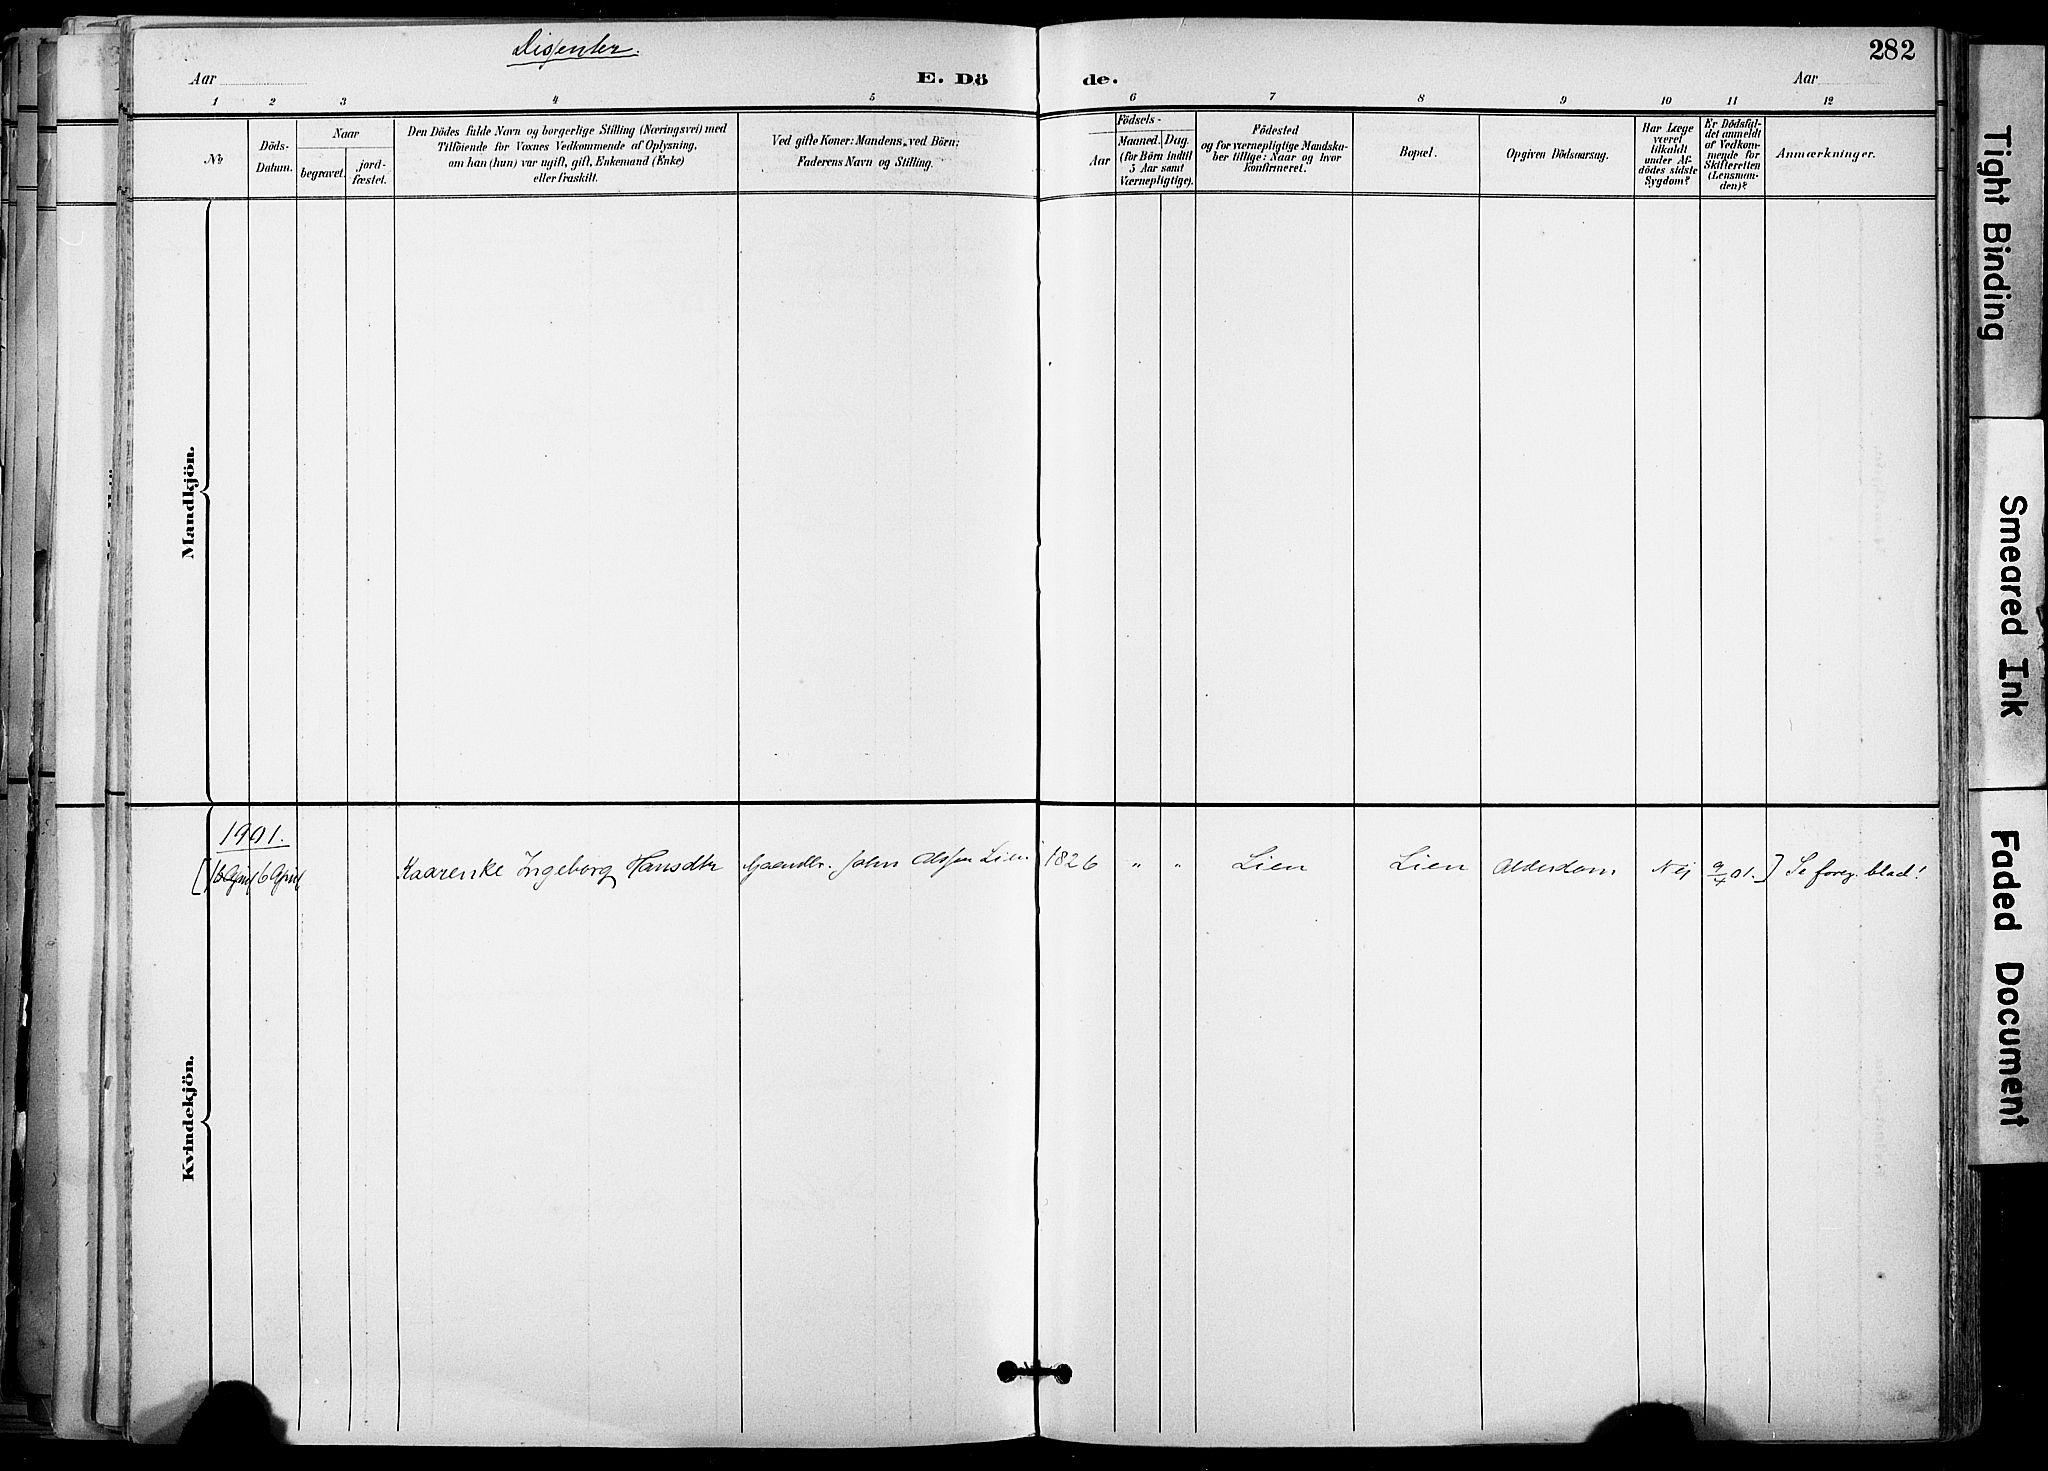 SAT, Ministerialprotokoller, klokkerbøker og fødselsregistre - Sør-Trøndelag, 678/L0902: Ministerialbok nr. 678A11, 1895-1911, s. 282